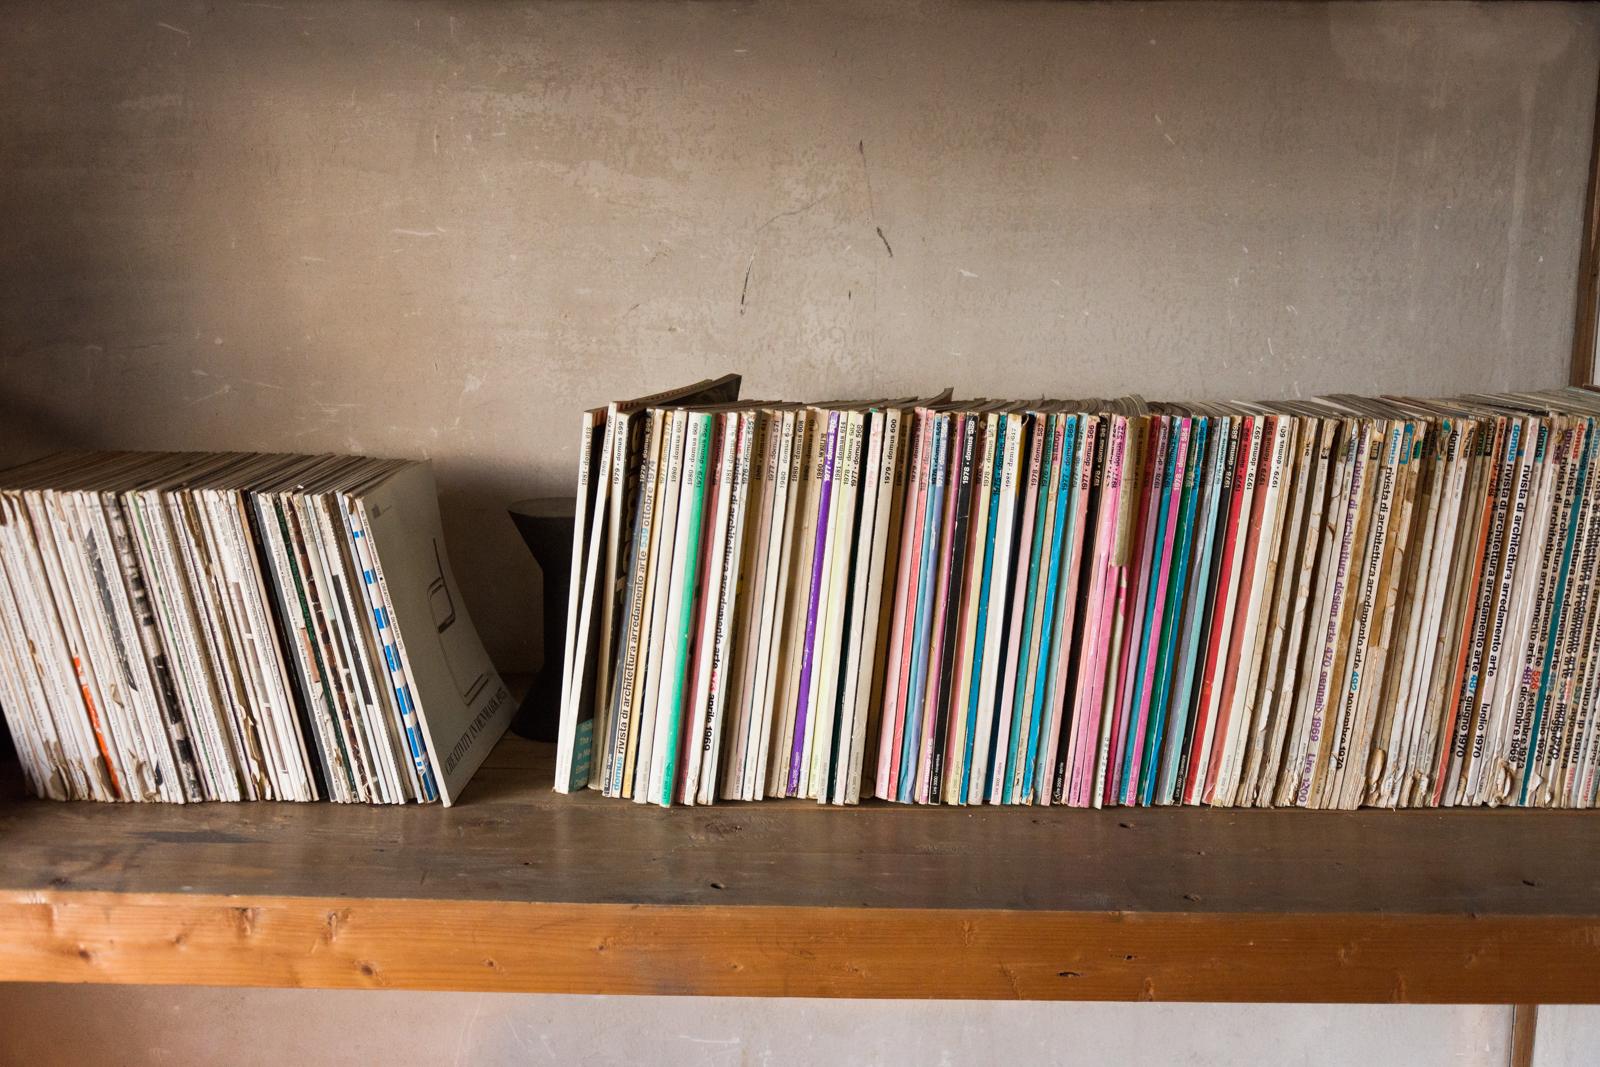 刈水庵のカフェには、多木浩二さんから譲り受けた書籍や雑誌などを置いている